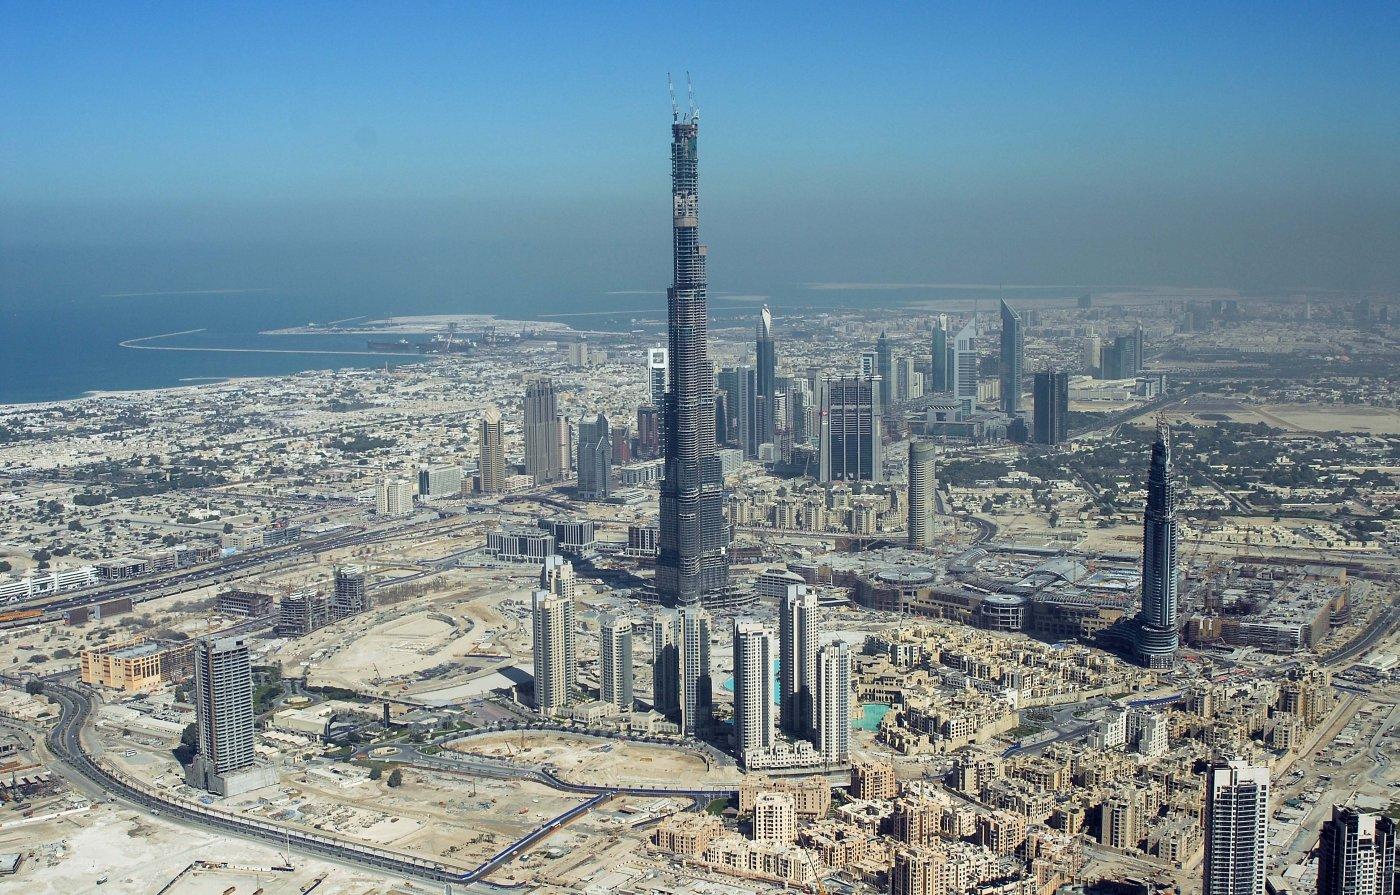 Фото высокое высокое. Объединенные Арабские Эмираты, Dubai, Sheikh Mohammed bin Rashid Boulevard